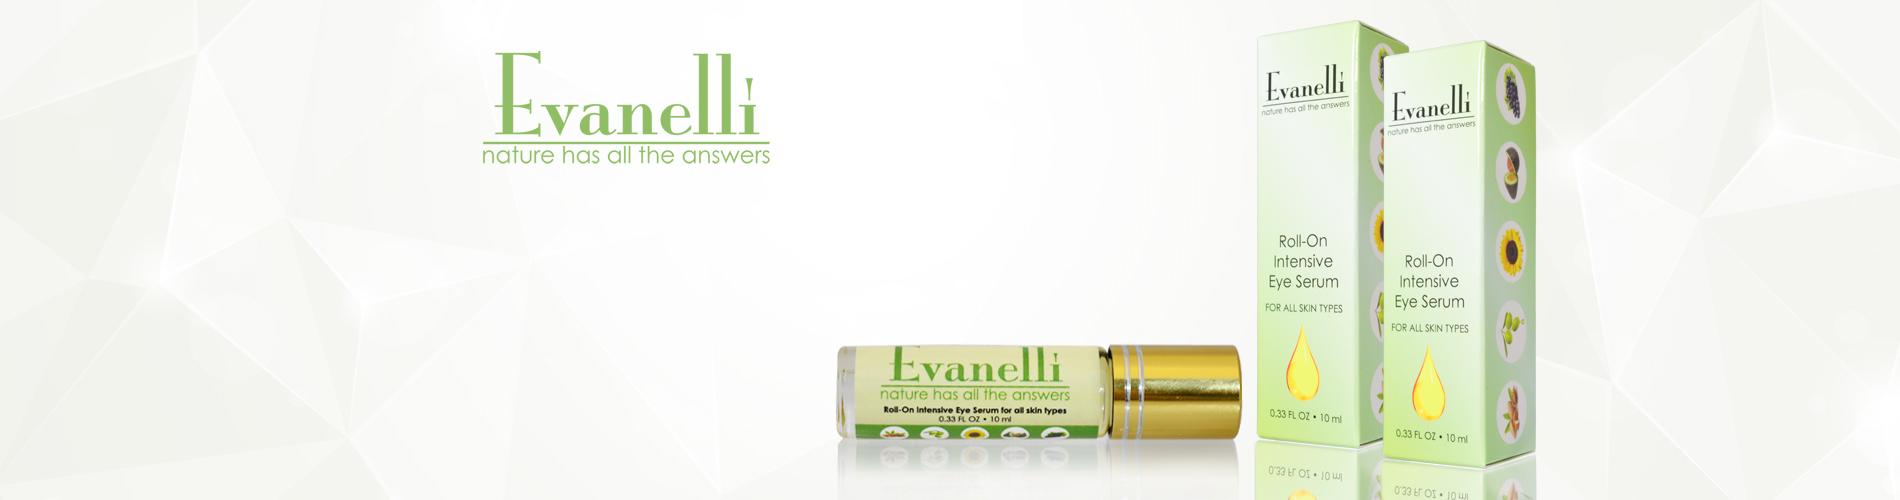 evanelli-product-info1